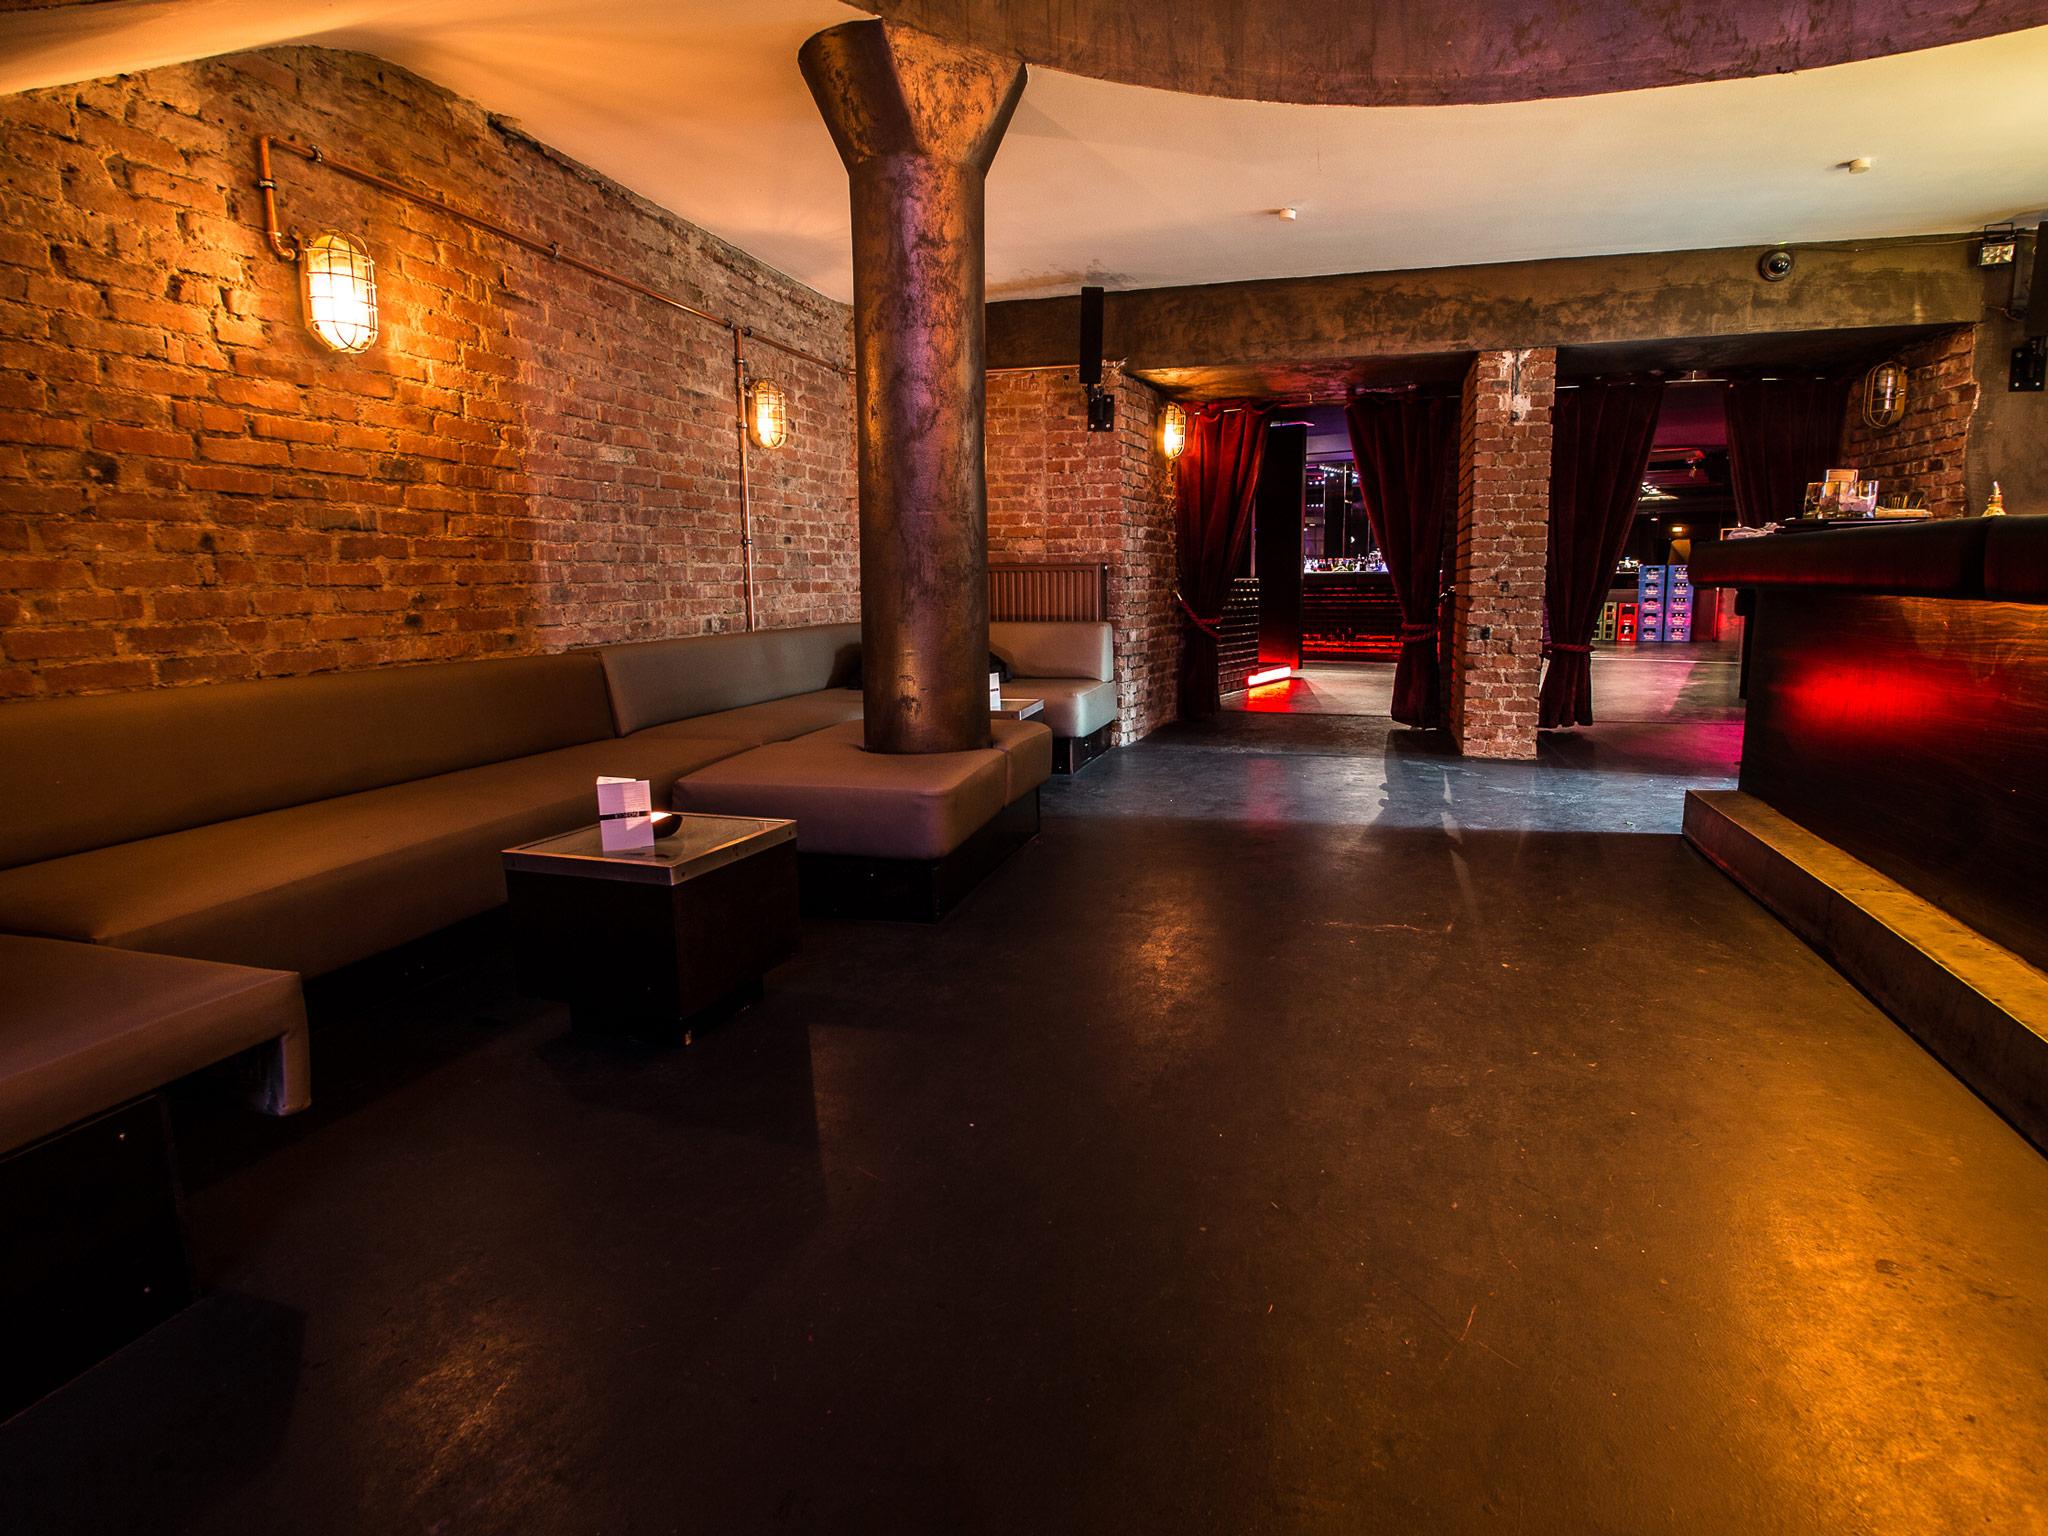 Die Woche hinter sich lassen in der ODEON Lounge. Foto: ODEON Lounge